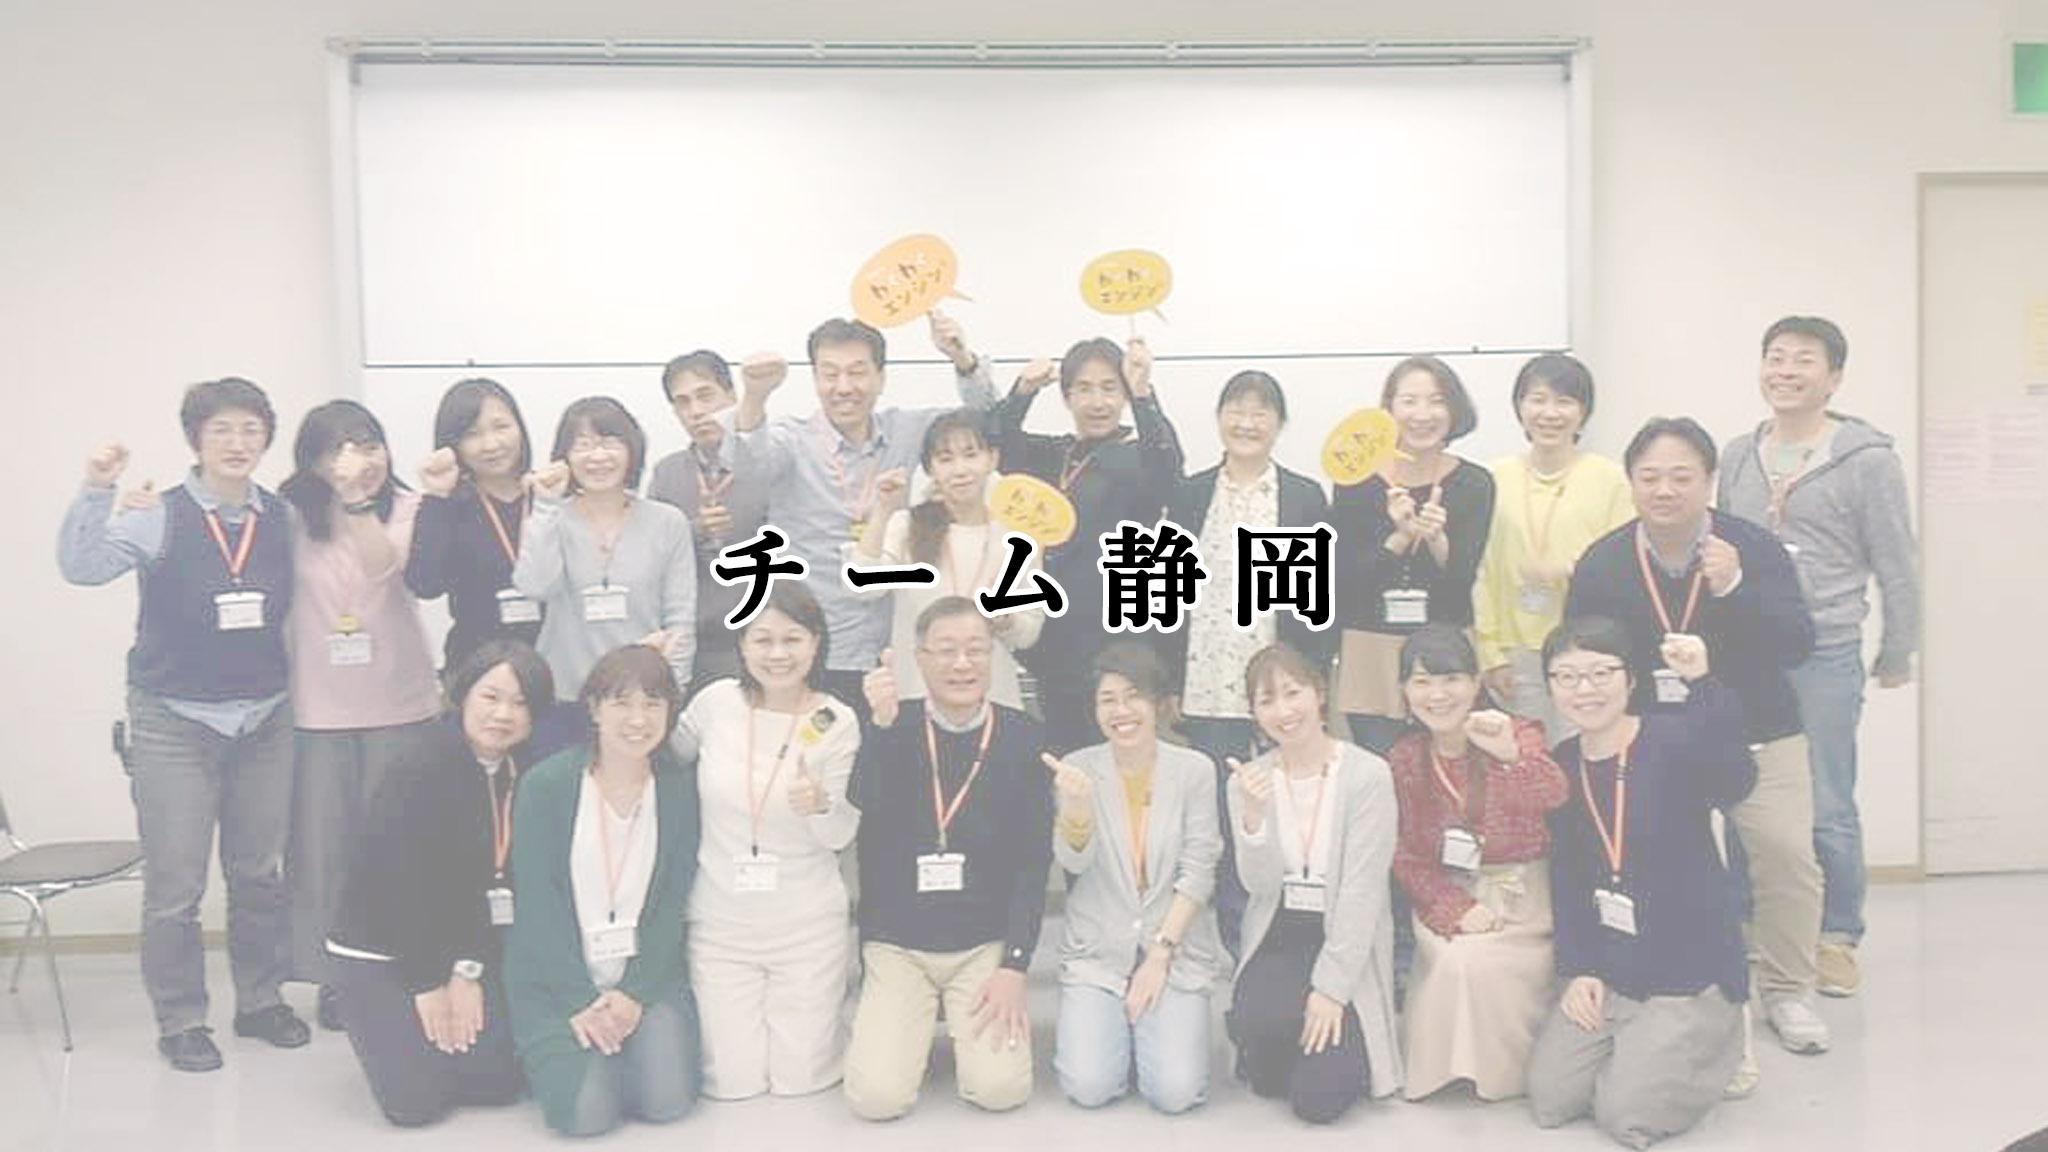 チーム静岡の活動